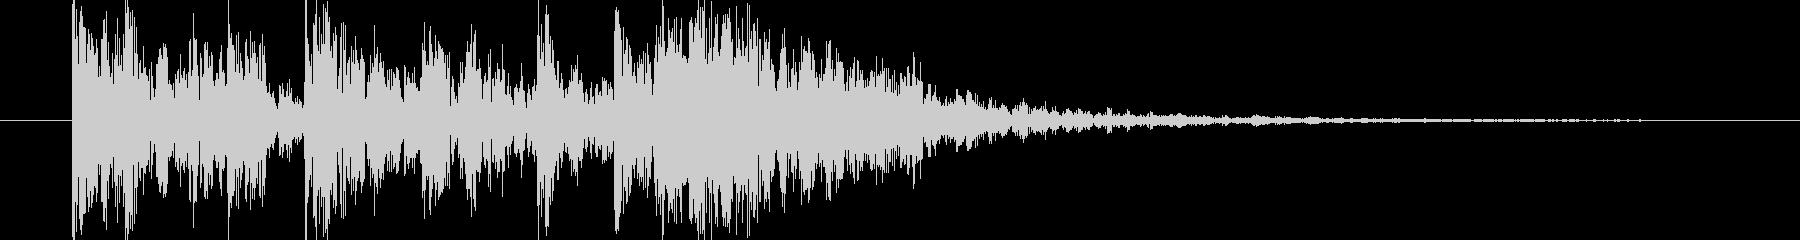 短い和風の効果音 1の未再生の波形